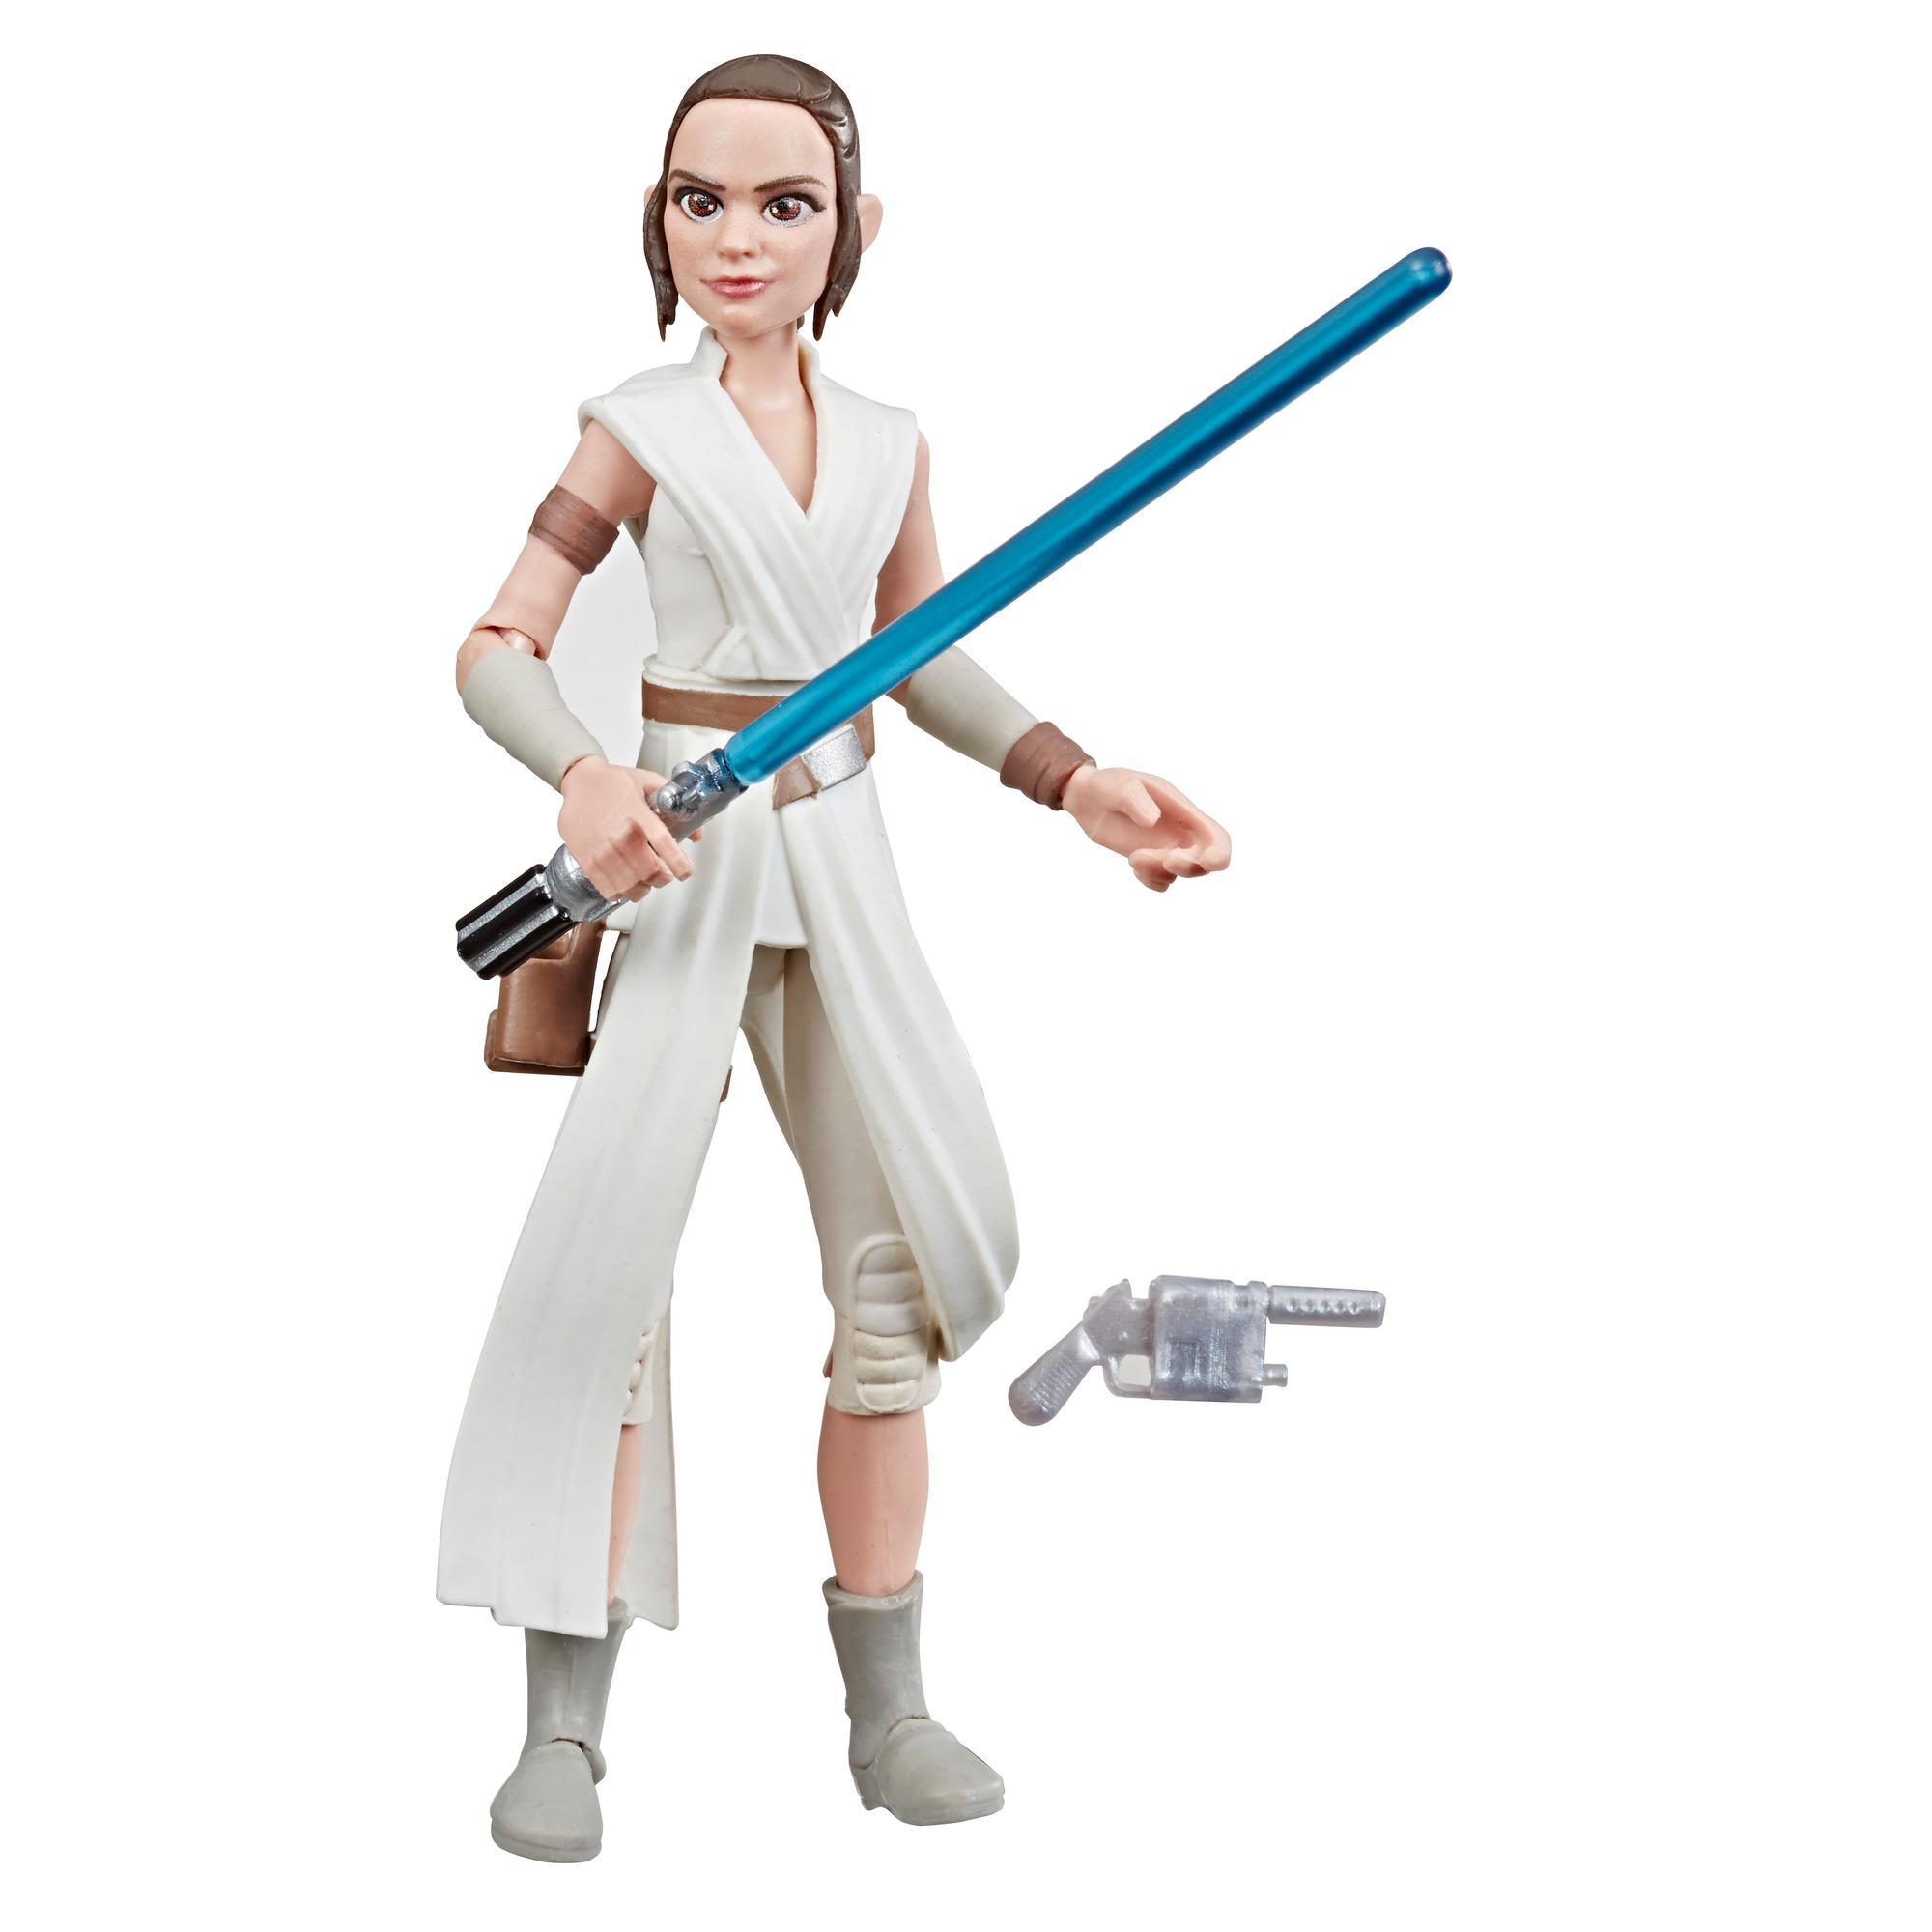 Star Wars Galaxy of Adventures - Star Wars: The Rise of Skywalker - Figura de acción de Rey de 12,5 cm - Juguete con movimiento de sable de luz